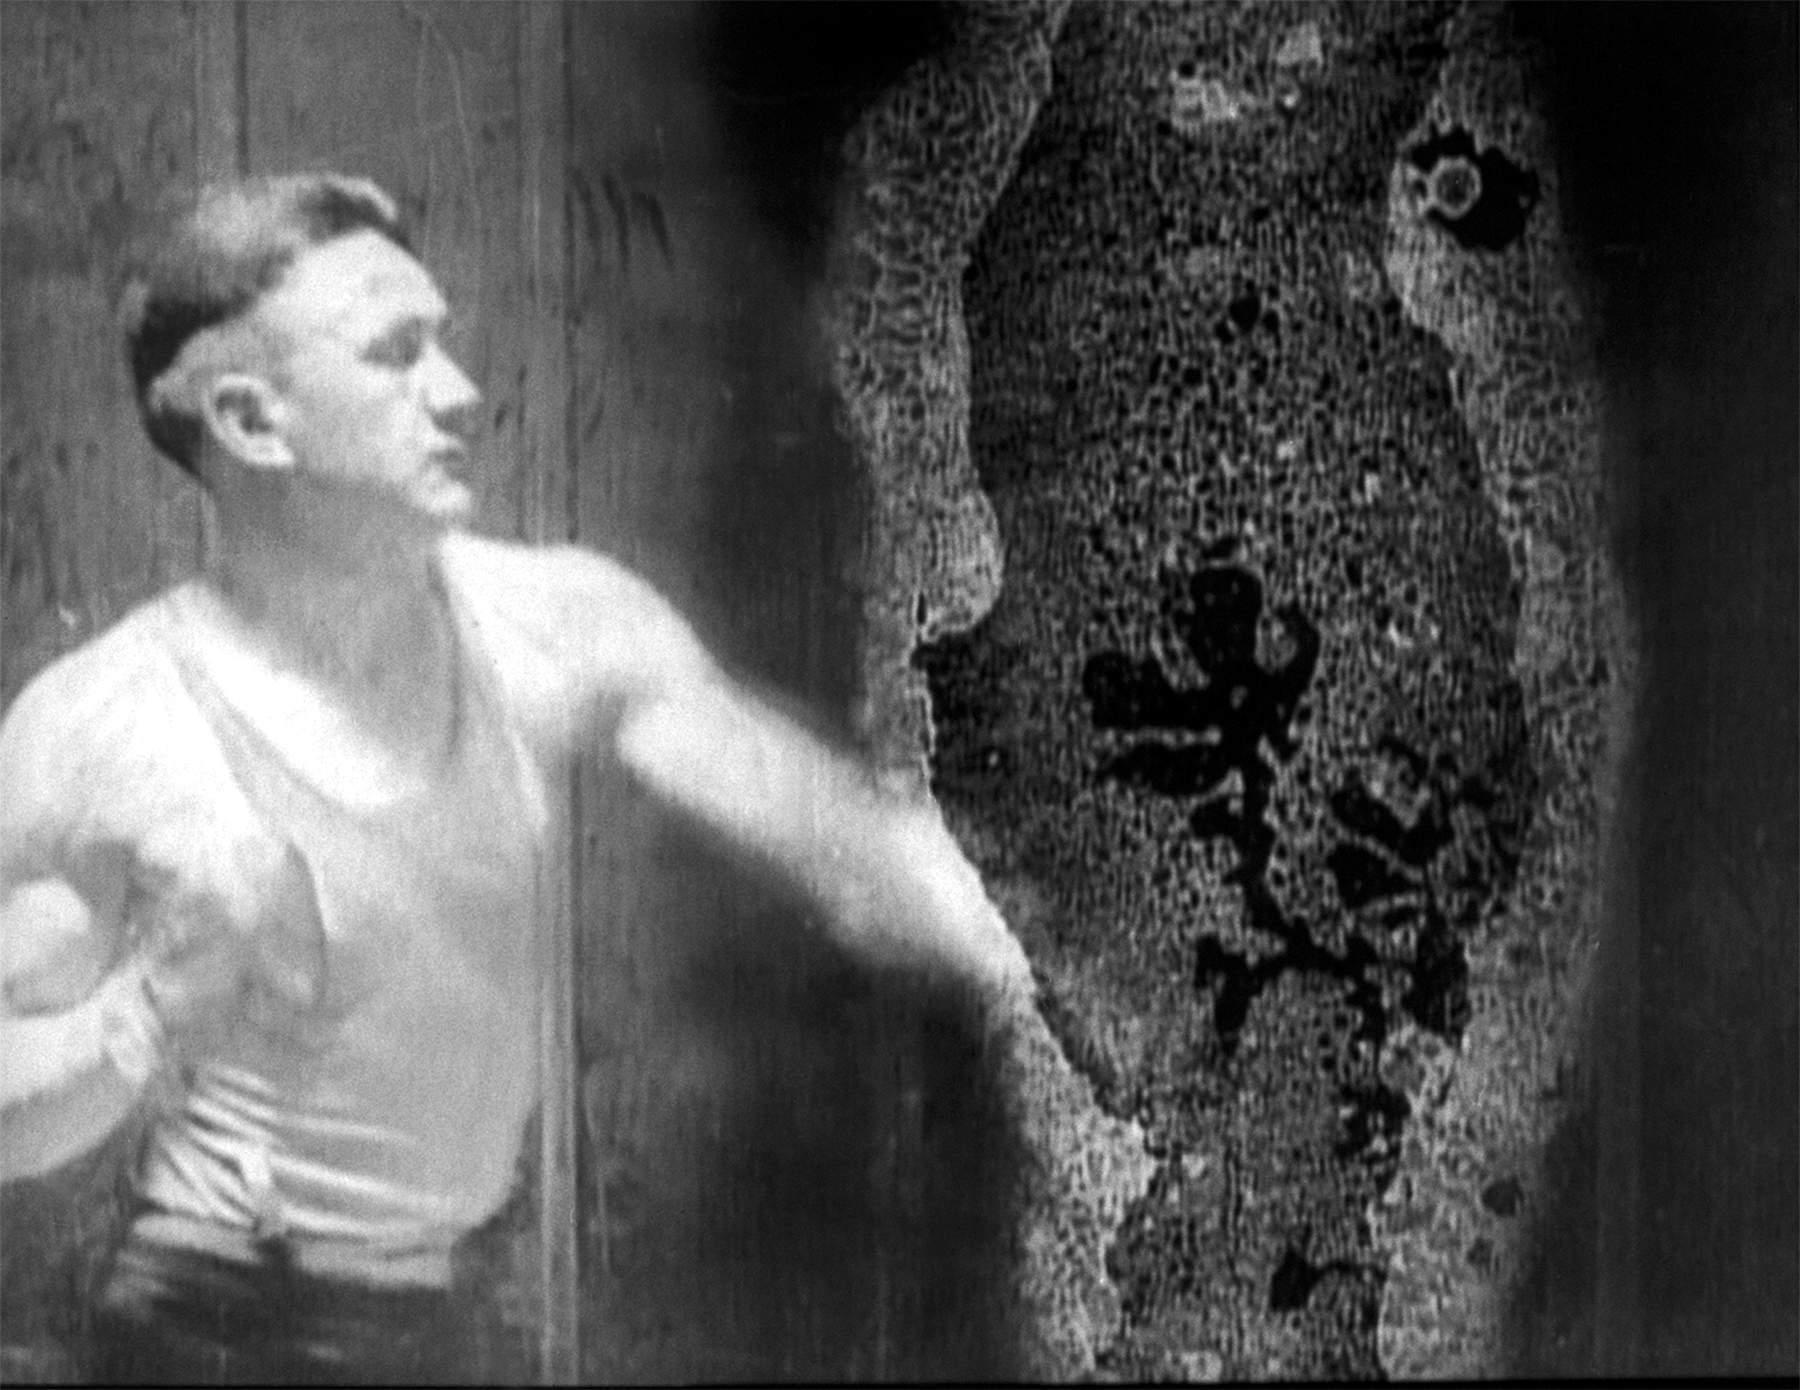 Кадр из фильма. Взято с сайтаwww.newstatesman.com